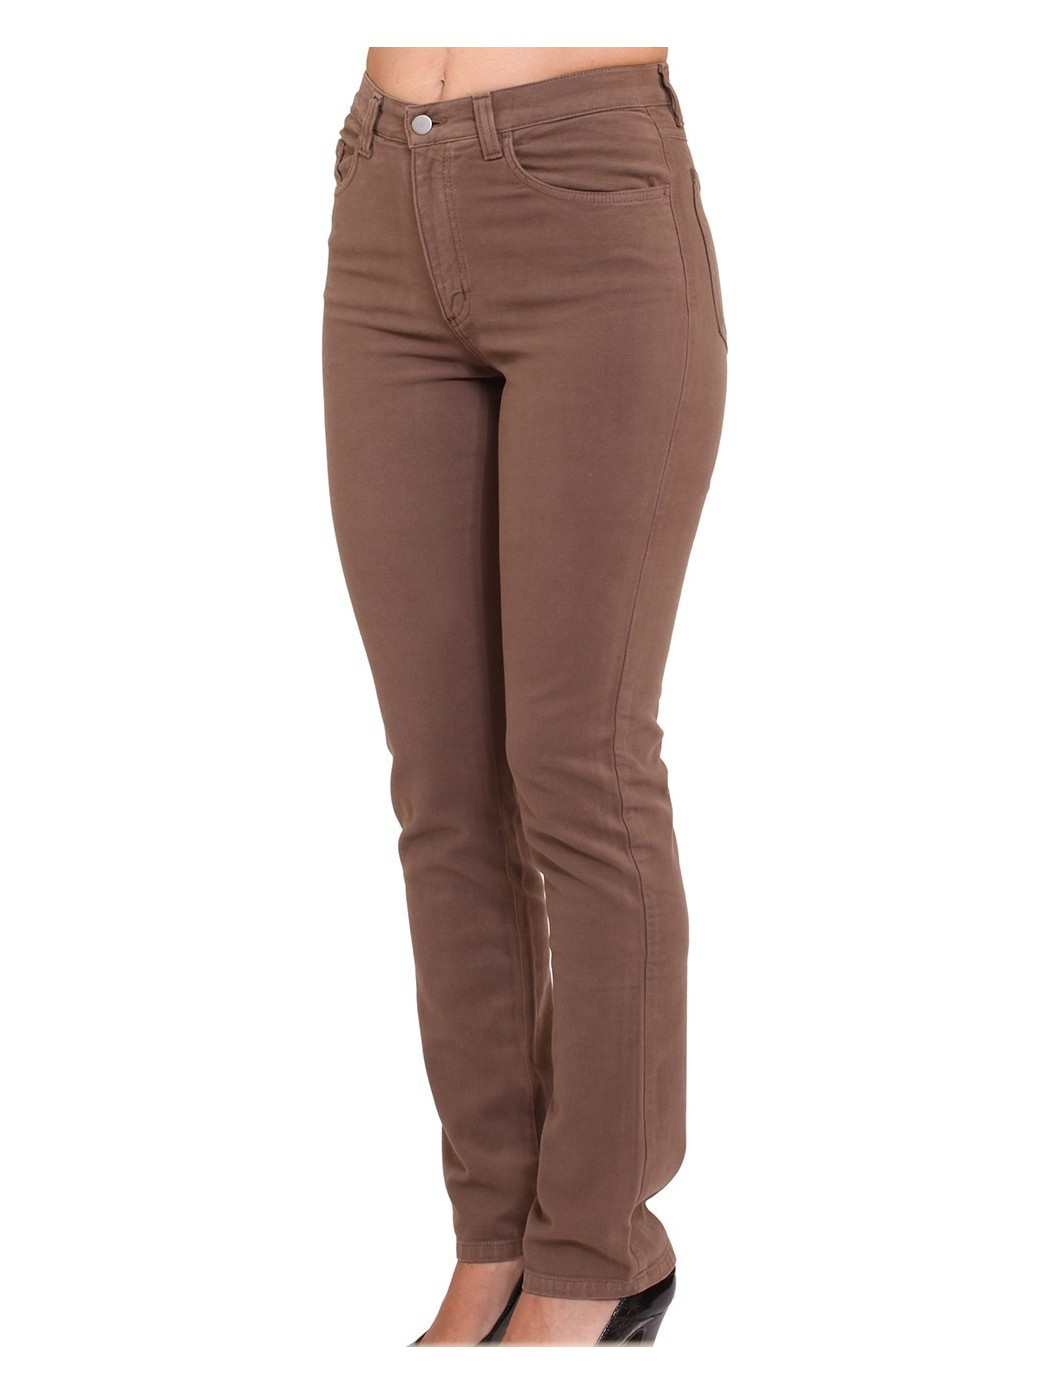 Pantalone fustagno Musetti